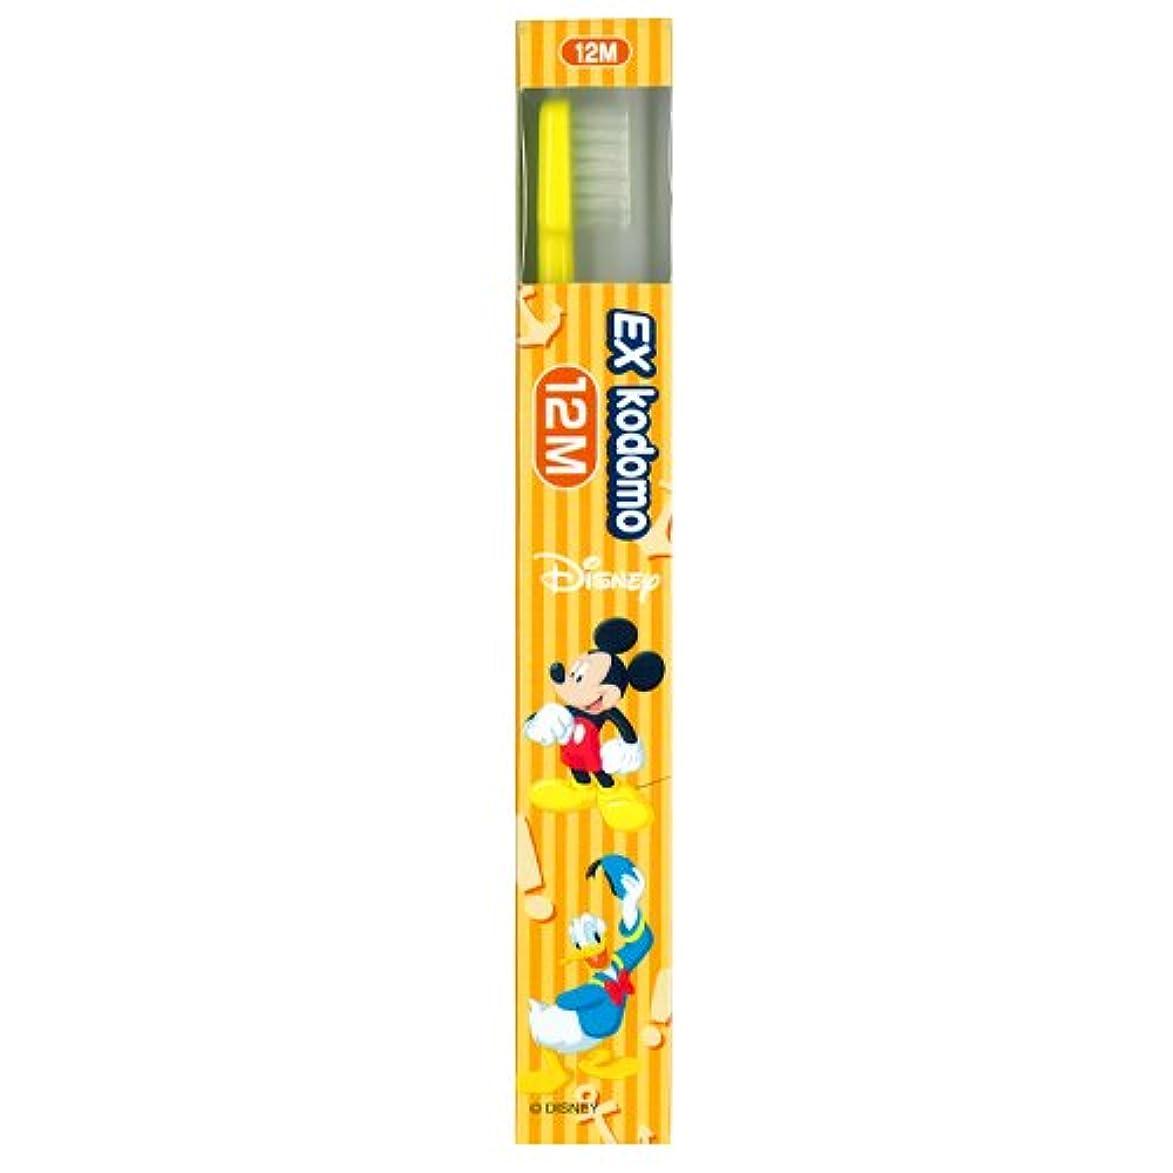 ステートメント準拠誕生ライオン EX kodomo ディズニー 歯ブラシ 1本 12M イエロー